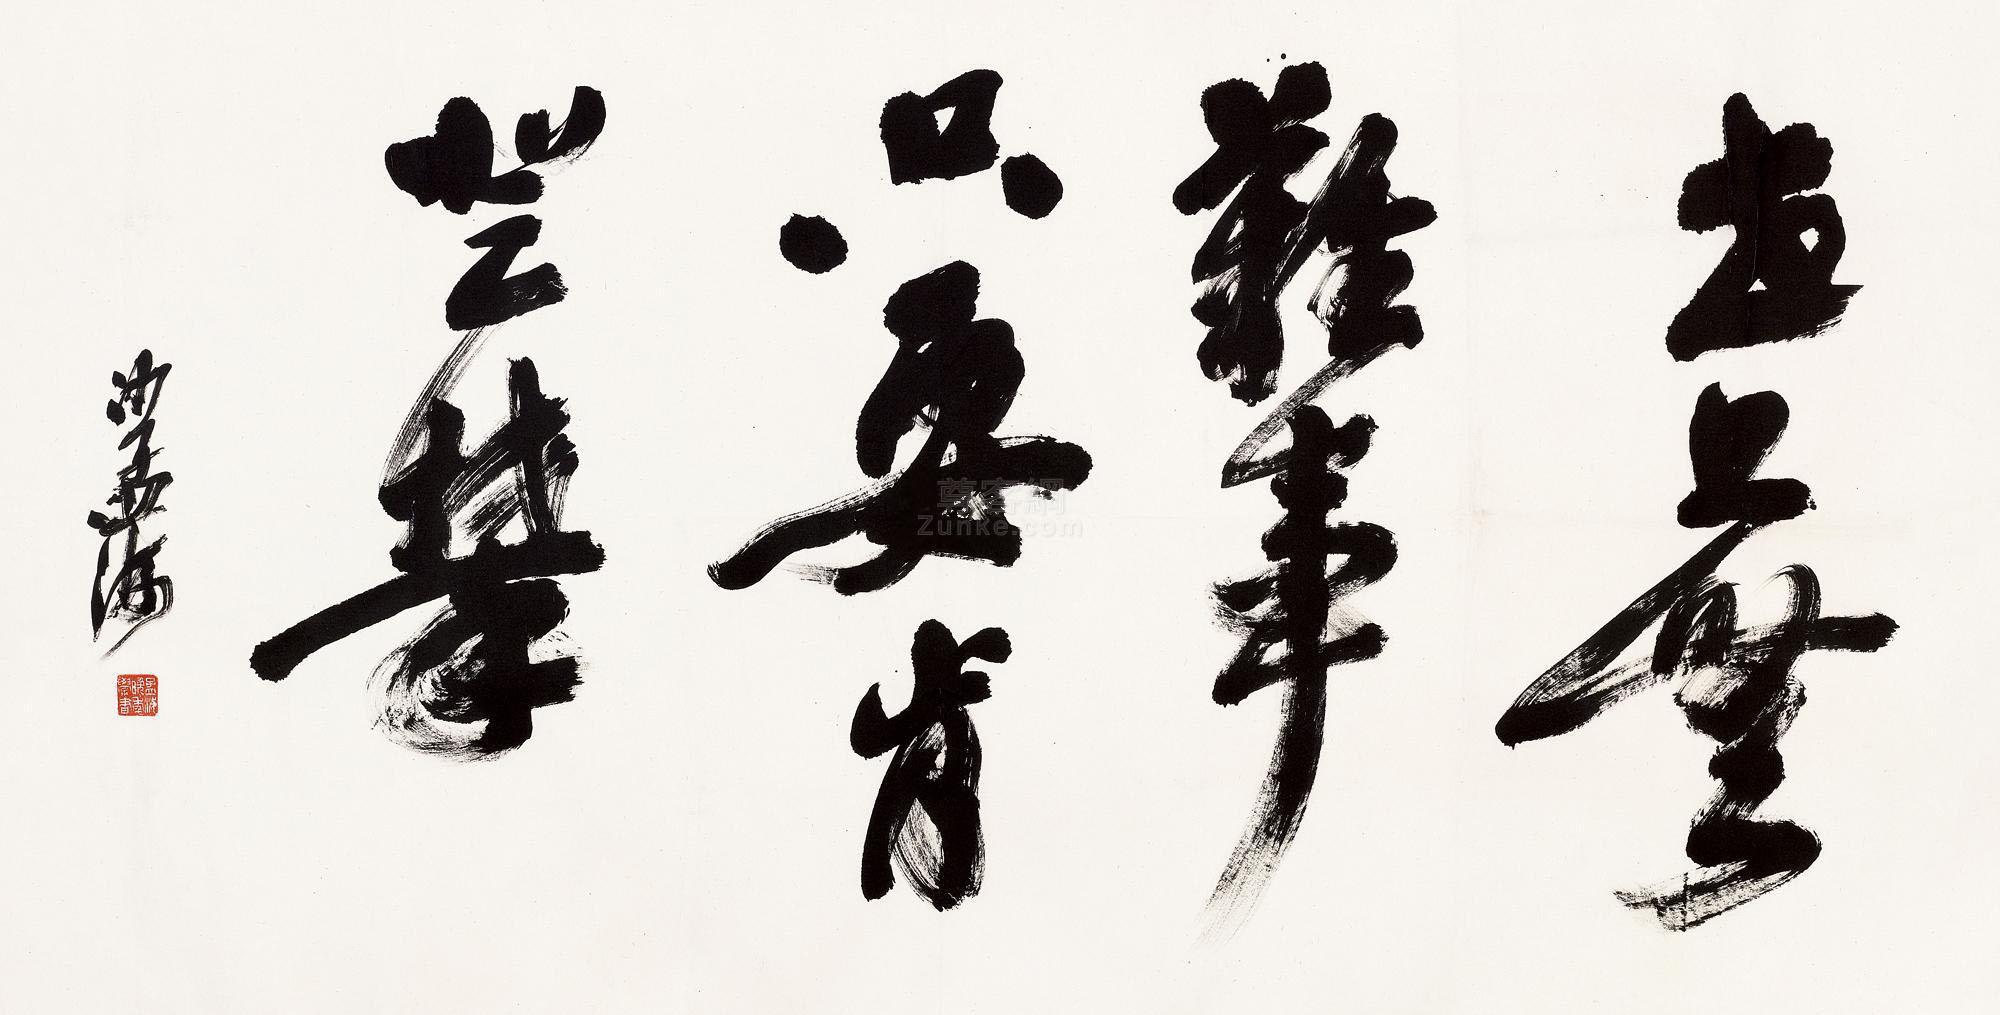 沙孟海沙孟海 书法 横批 水墨纸本沙孟海艺术作品大全